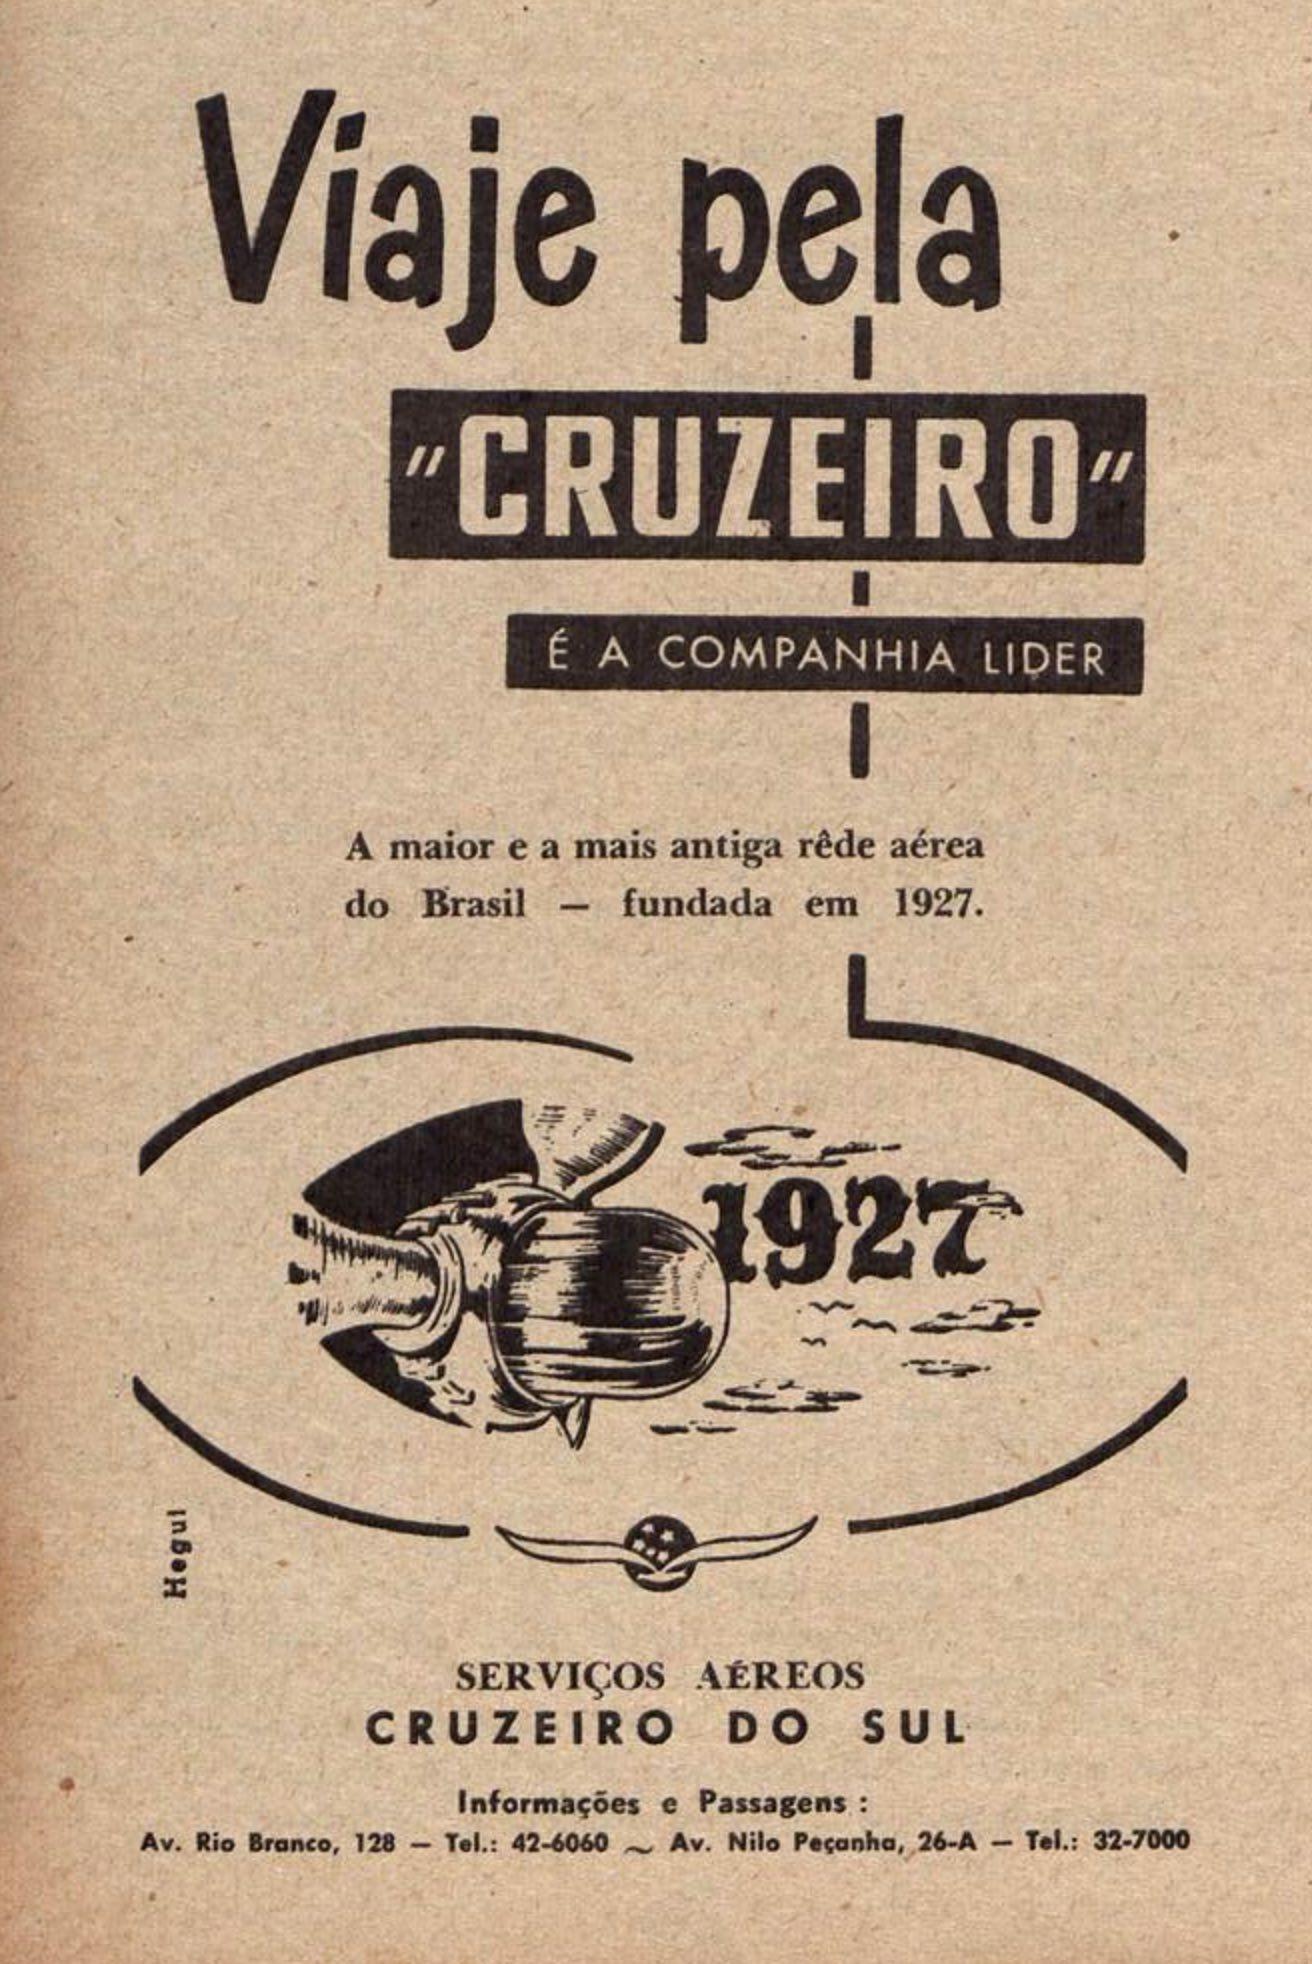 Anúncio de 1952 dos Serviços Aéreos Cruzeiro do Sul, pioneira na aviação no Brasil